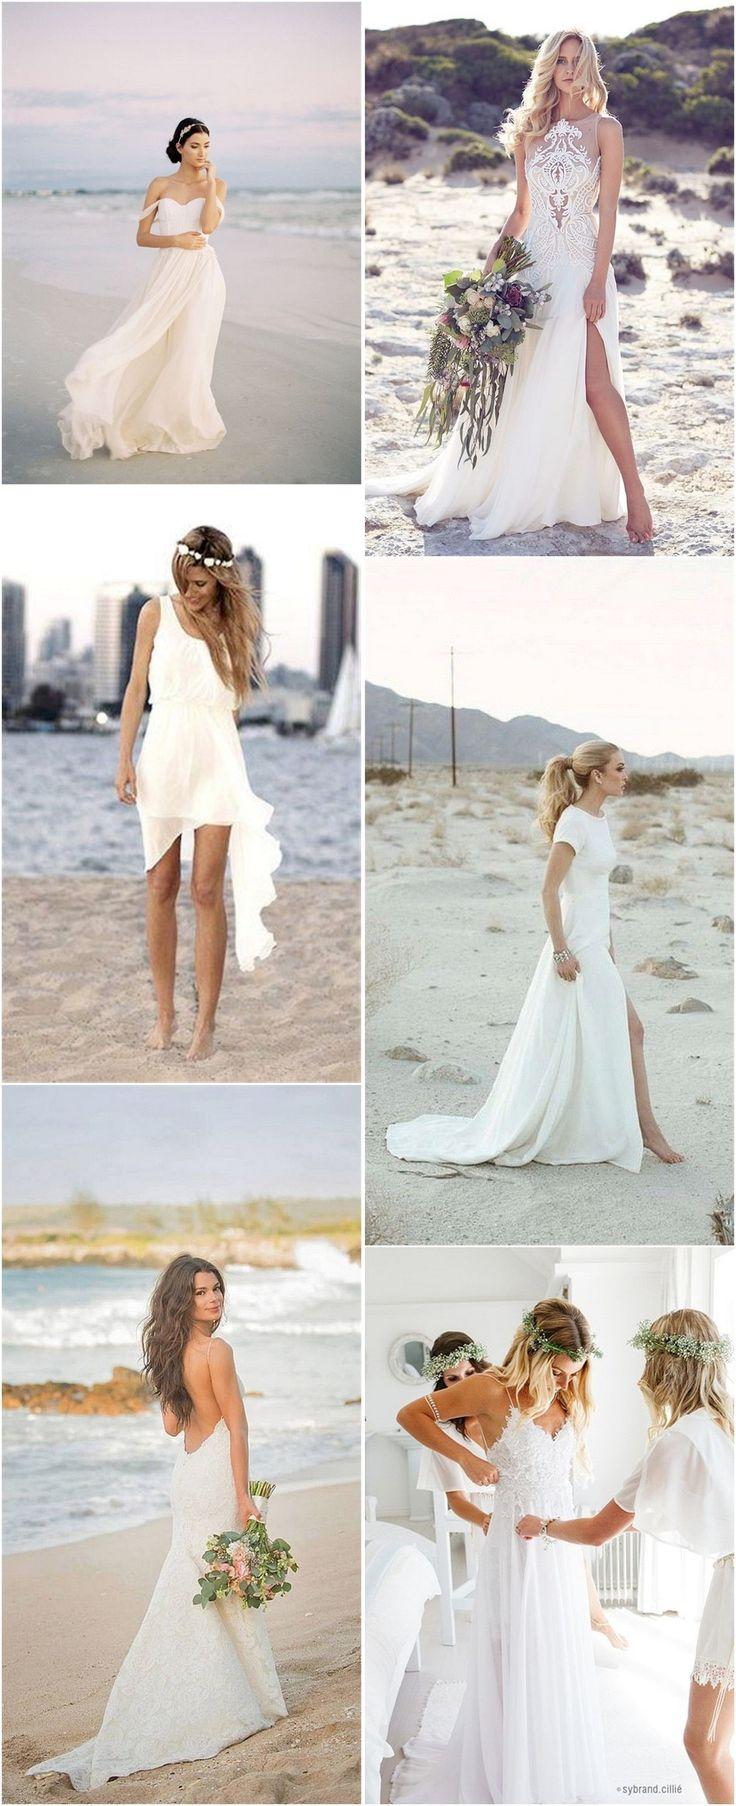 eye-catching 100+ Beautiful Beach Wedding Dresses to Inspire You https://bridalore.com/2017/07/03/100-beautiful-beach-wedding-dresses-to-inspire-you/